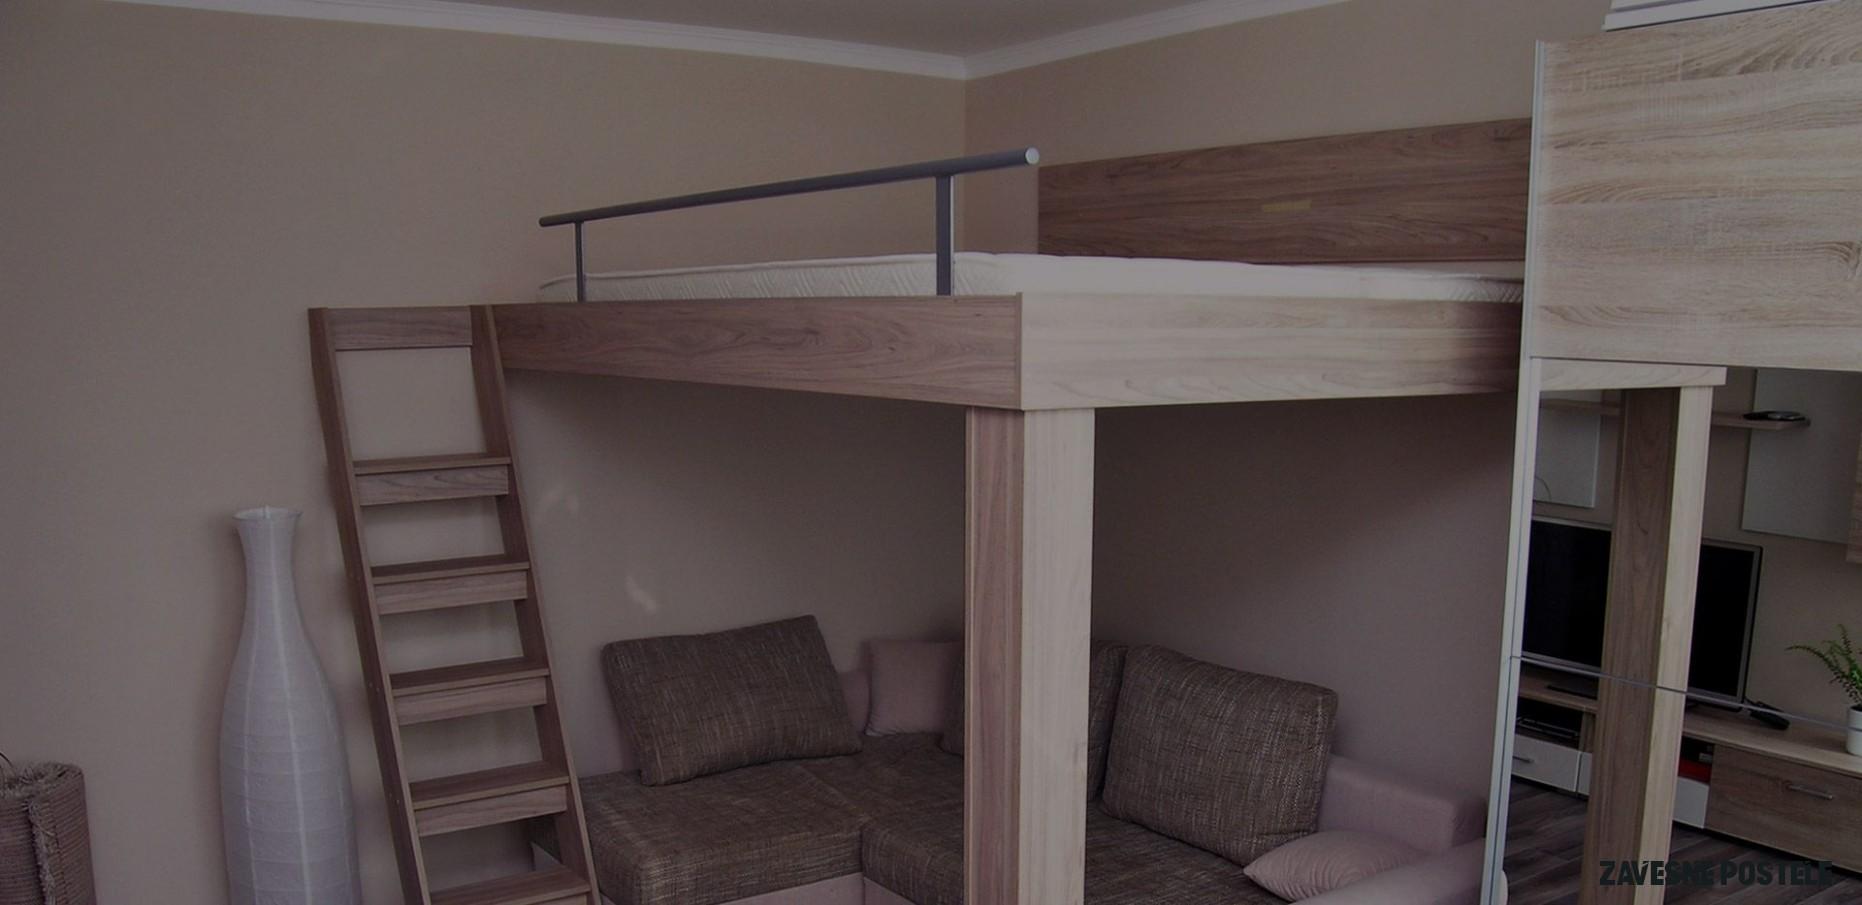 Návrh a zpracování závěsných postelí a postelí na noze včetně